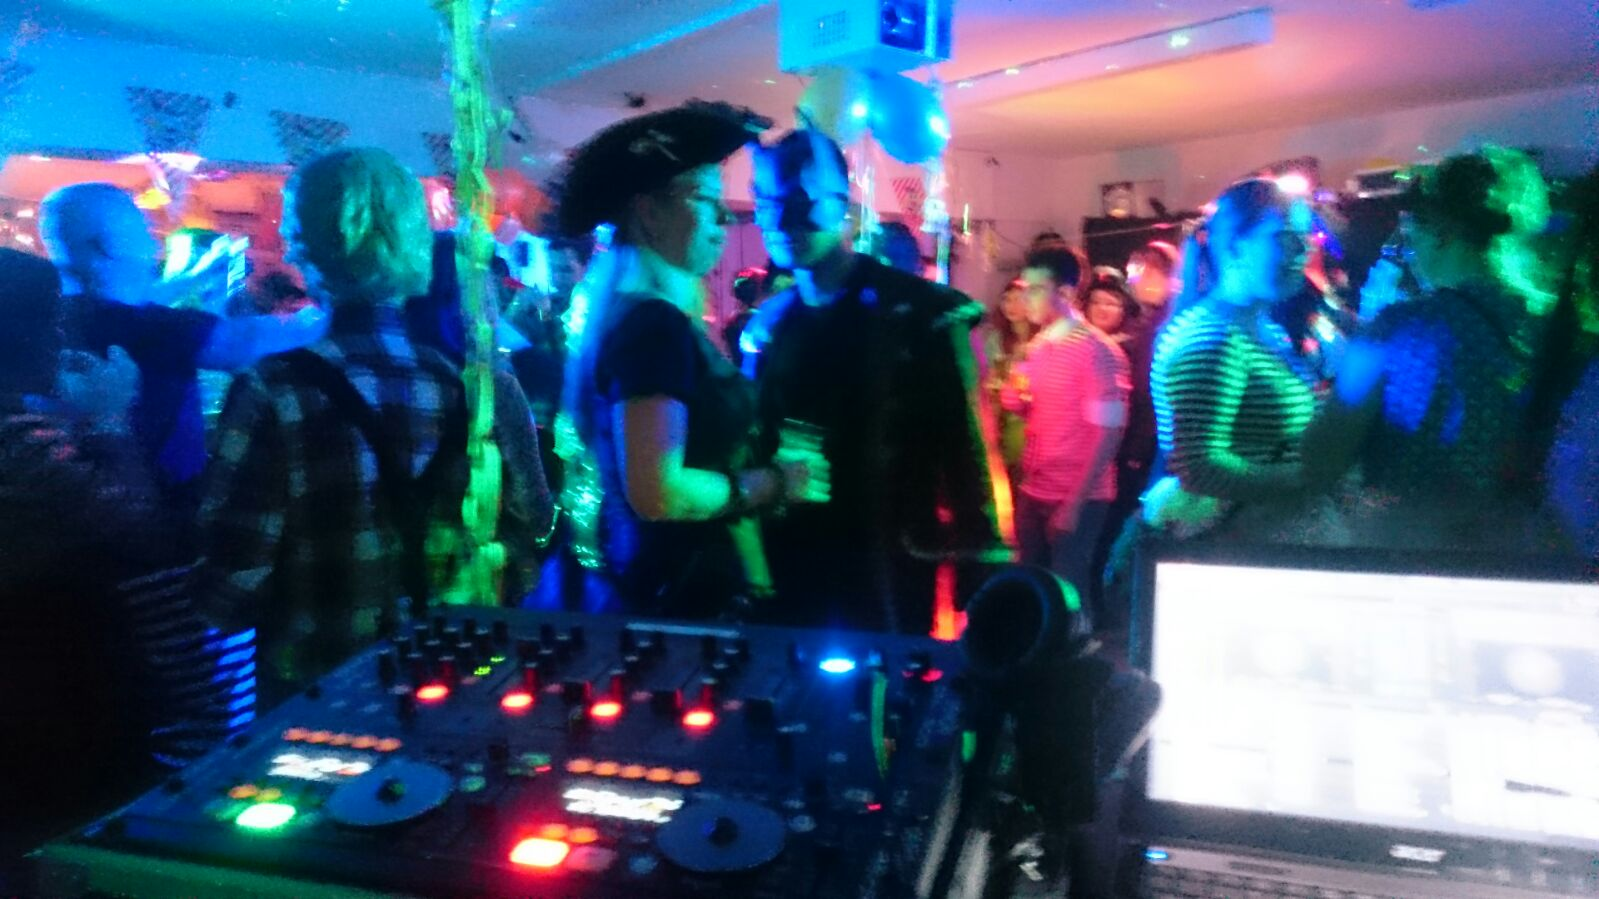 DJ Arne Winter als Hochzeiuts DJ mit Technik und perfekter Party-Stimmung 2